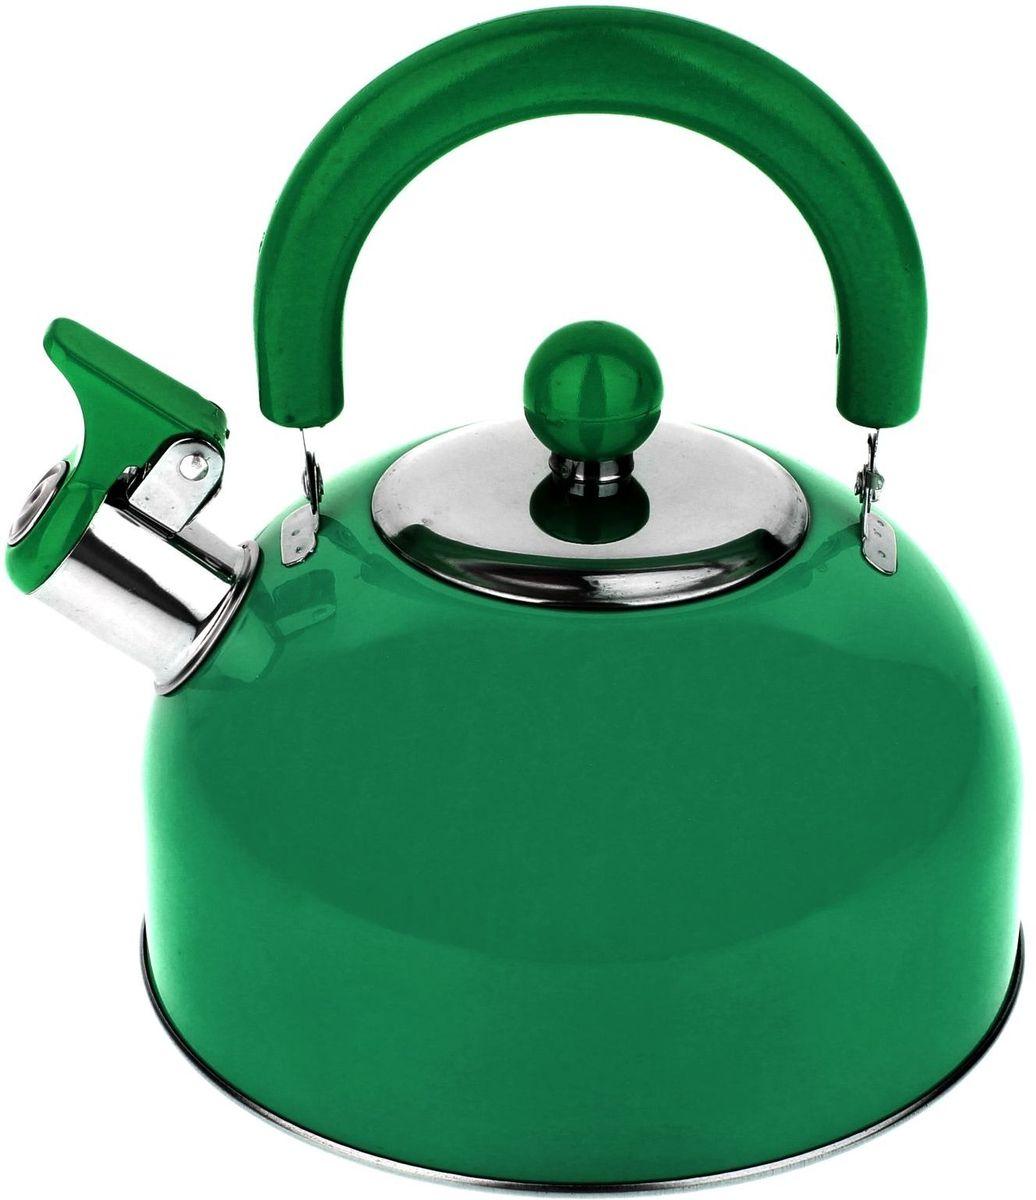 Чайник Доляна Радуга, со свистком, цвет: зеленый, 2,1 л863664Чайник Доляна Радуга выполнен из высококачественной нержавеющей стали. Материал изделия отличается неприхотливостью в уходе, безукоризненной функциональностью, гигиеничностью и стойкостью к коррозии. Чайники из нержавеющей стали абсолютно безопасны для здоровья человека.Благодаря низкой теплопроводности и оптимальному соотношению дна и стенок вода дольше остается горячей, а качественное дно гарантирует быстрый нагрев. Чайник при кипячении сохраняет все полезные свойства воды.Чайник снабжен подвижной пластиковой ручкой. Удобная ручка не нагревается, и поэтому вероятность ожогов сводится к минимуму. Откидной свисток на носике чайника громко оповестит, когда закипела вода.Подходит для газовых, электрических, стеклокерамических, галогеновых, индукционных плит. Рекомендуется ручная мойка.